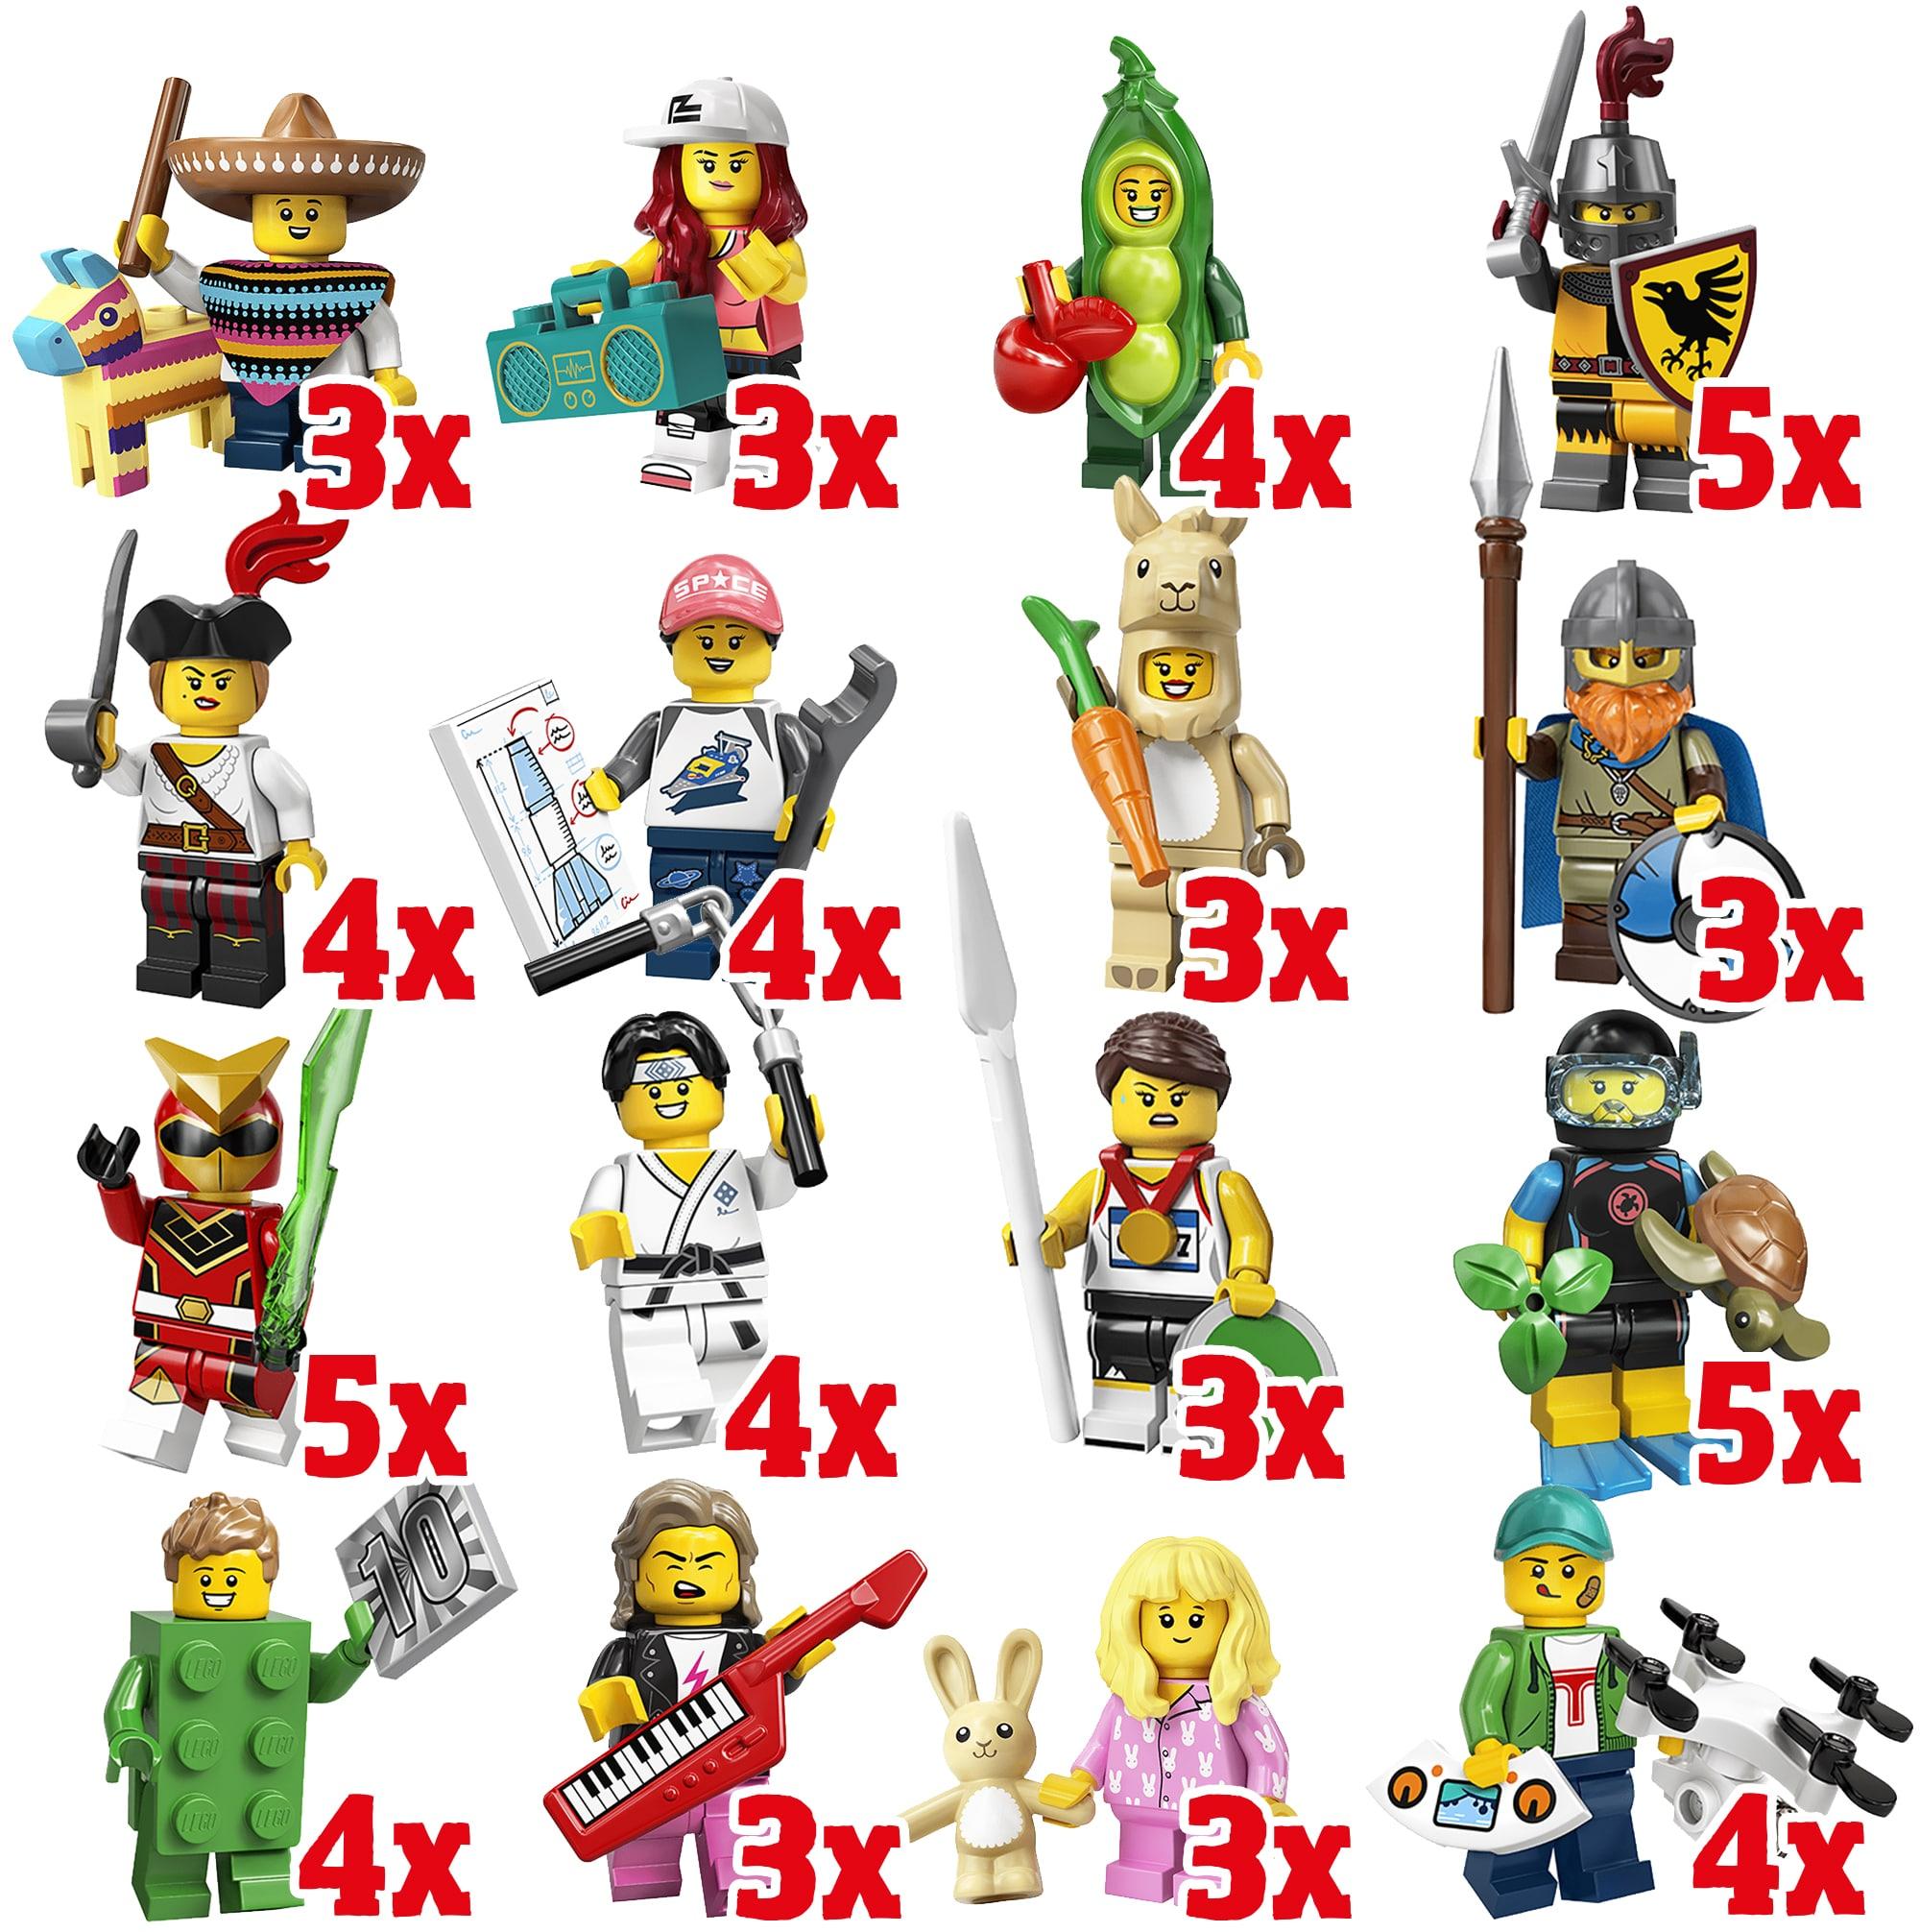 LEGO 71027 Minifiguren Serie 20 Box-Verteilung